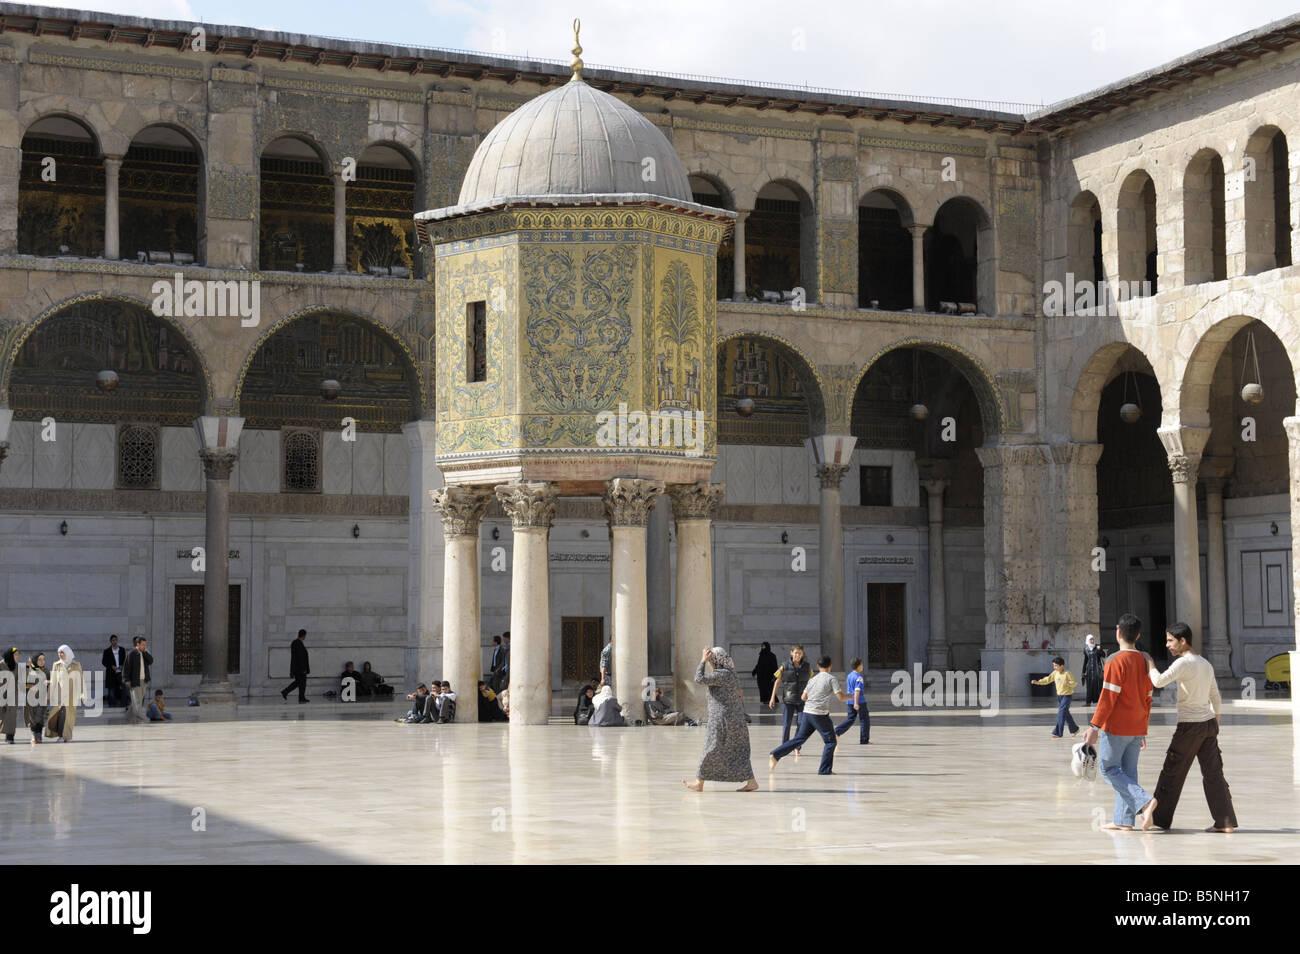 Umayyad Mosque Damascus Stock Photo: 20758003 - Alamy